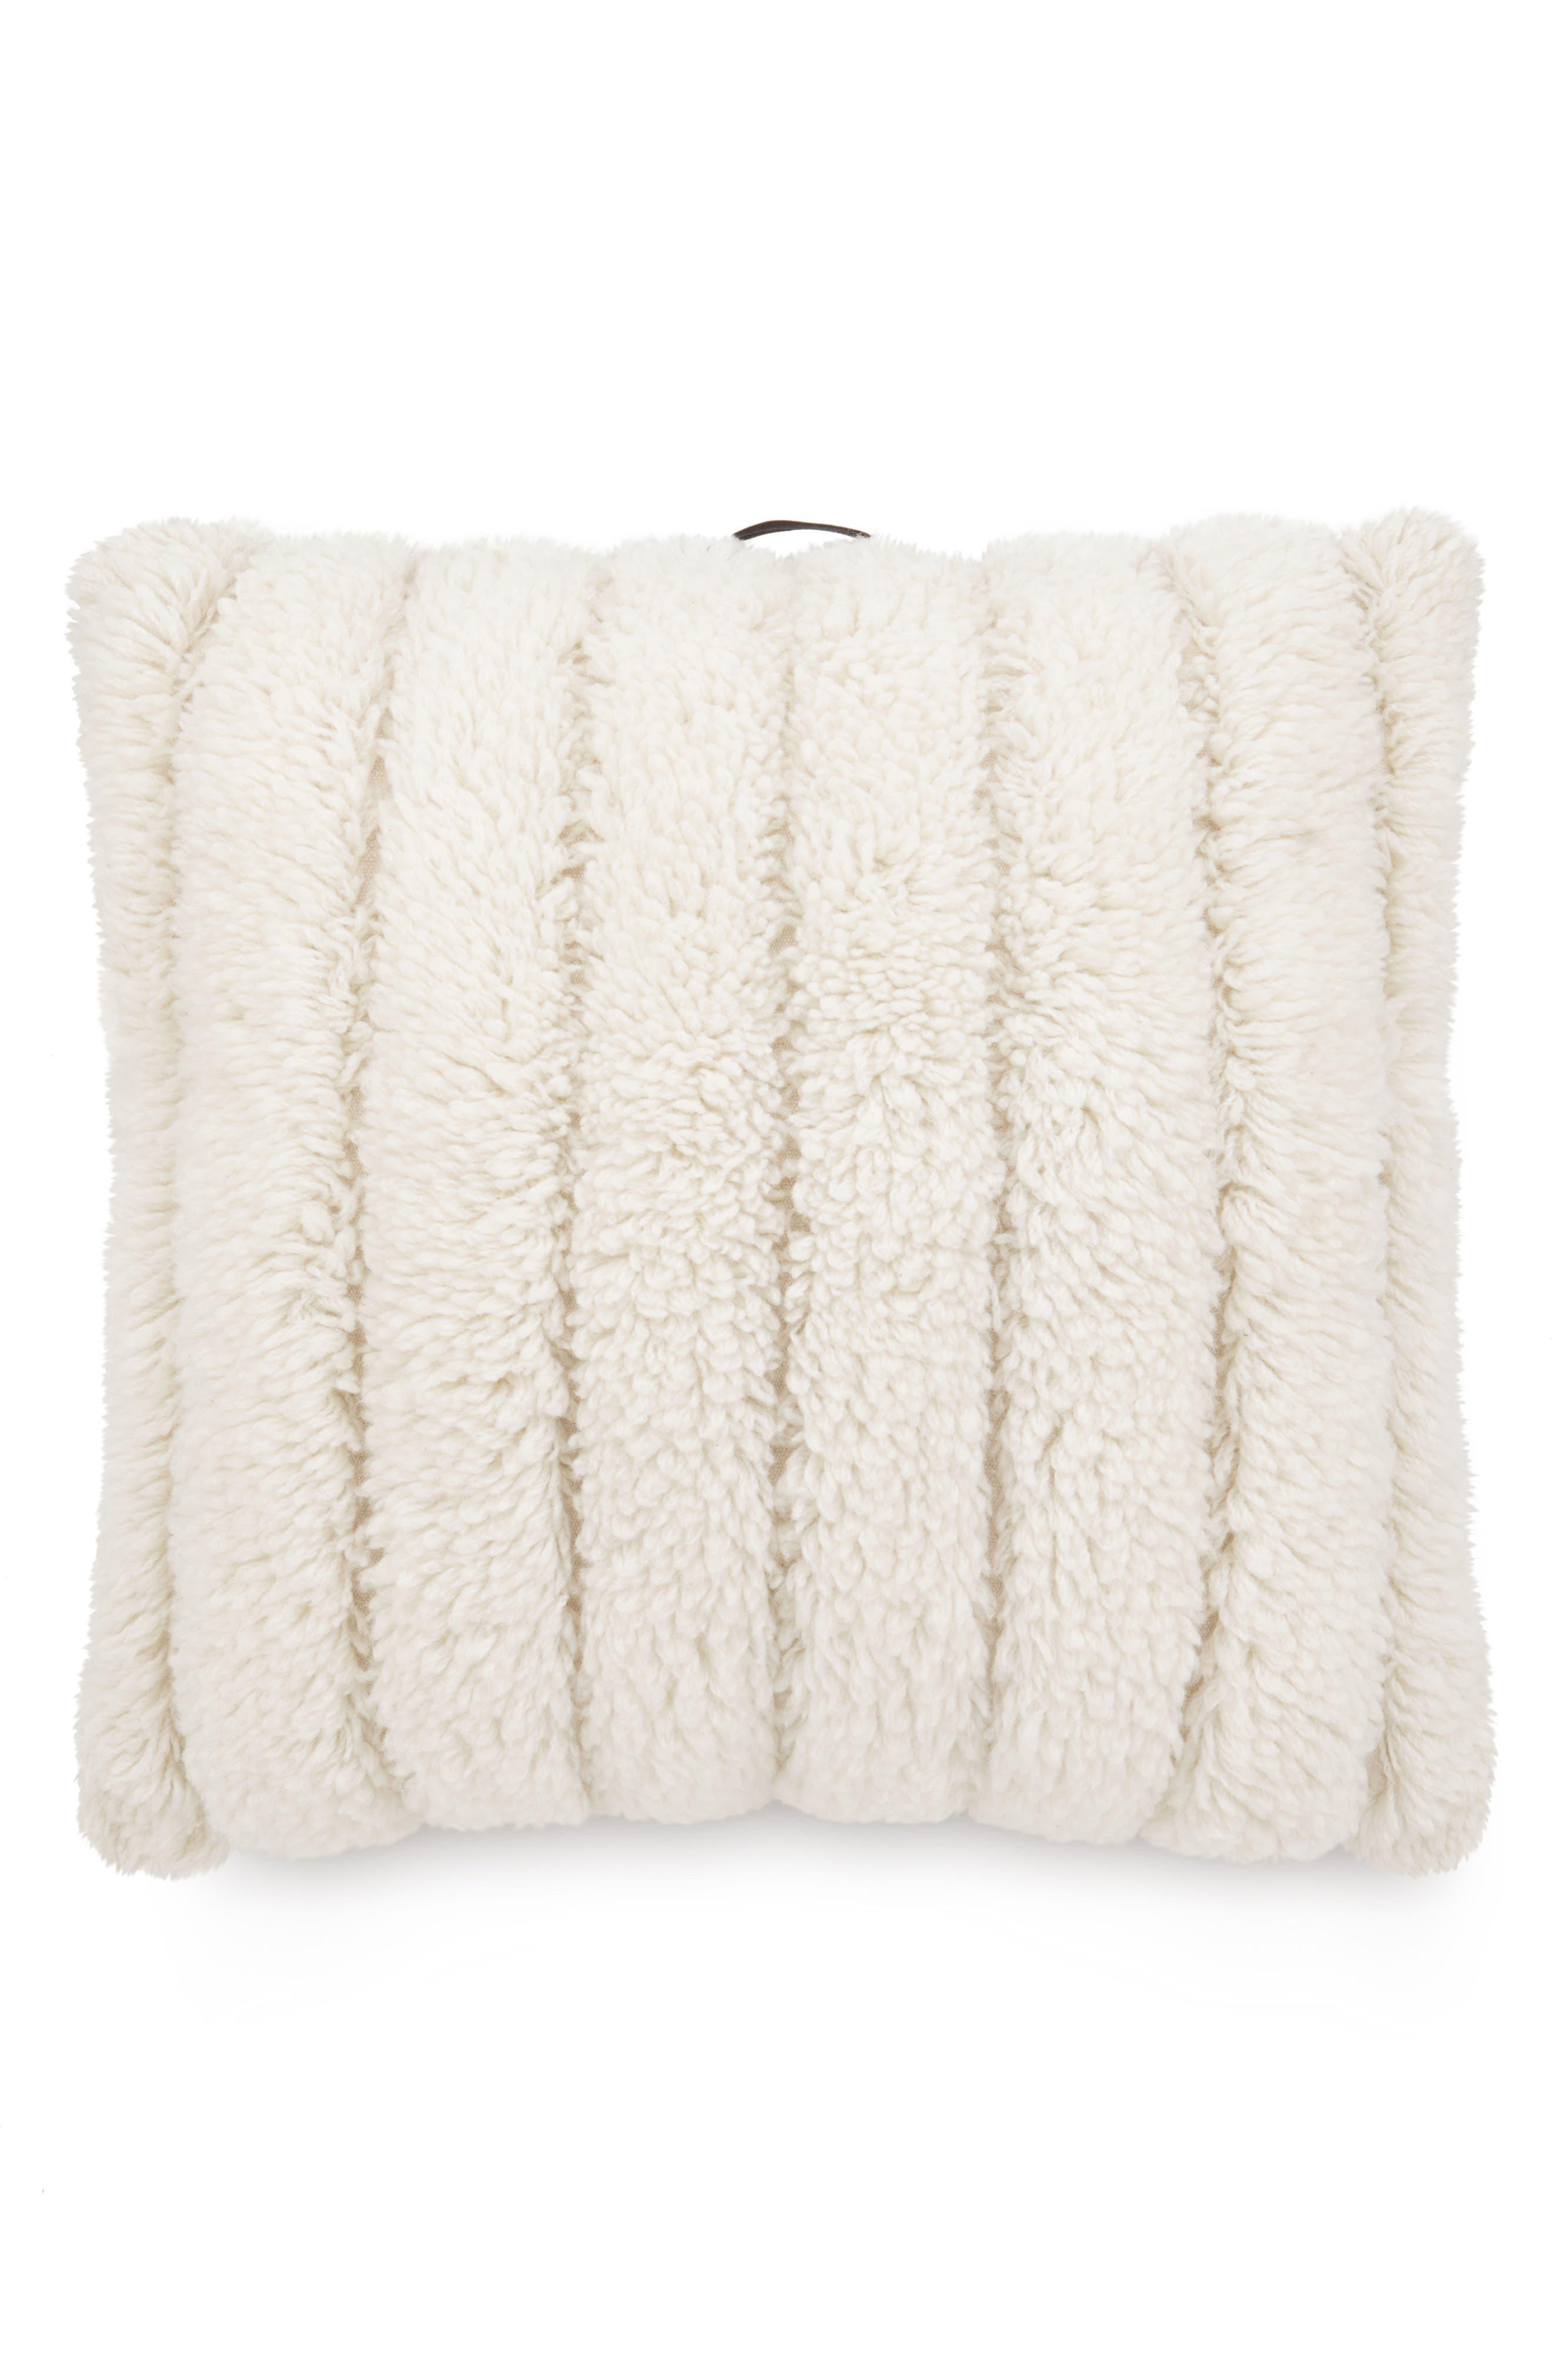 Tufty Yarn Pillow,                             Main thumbnail 1, color,                             250